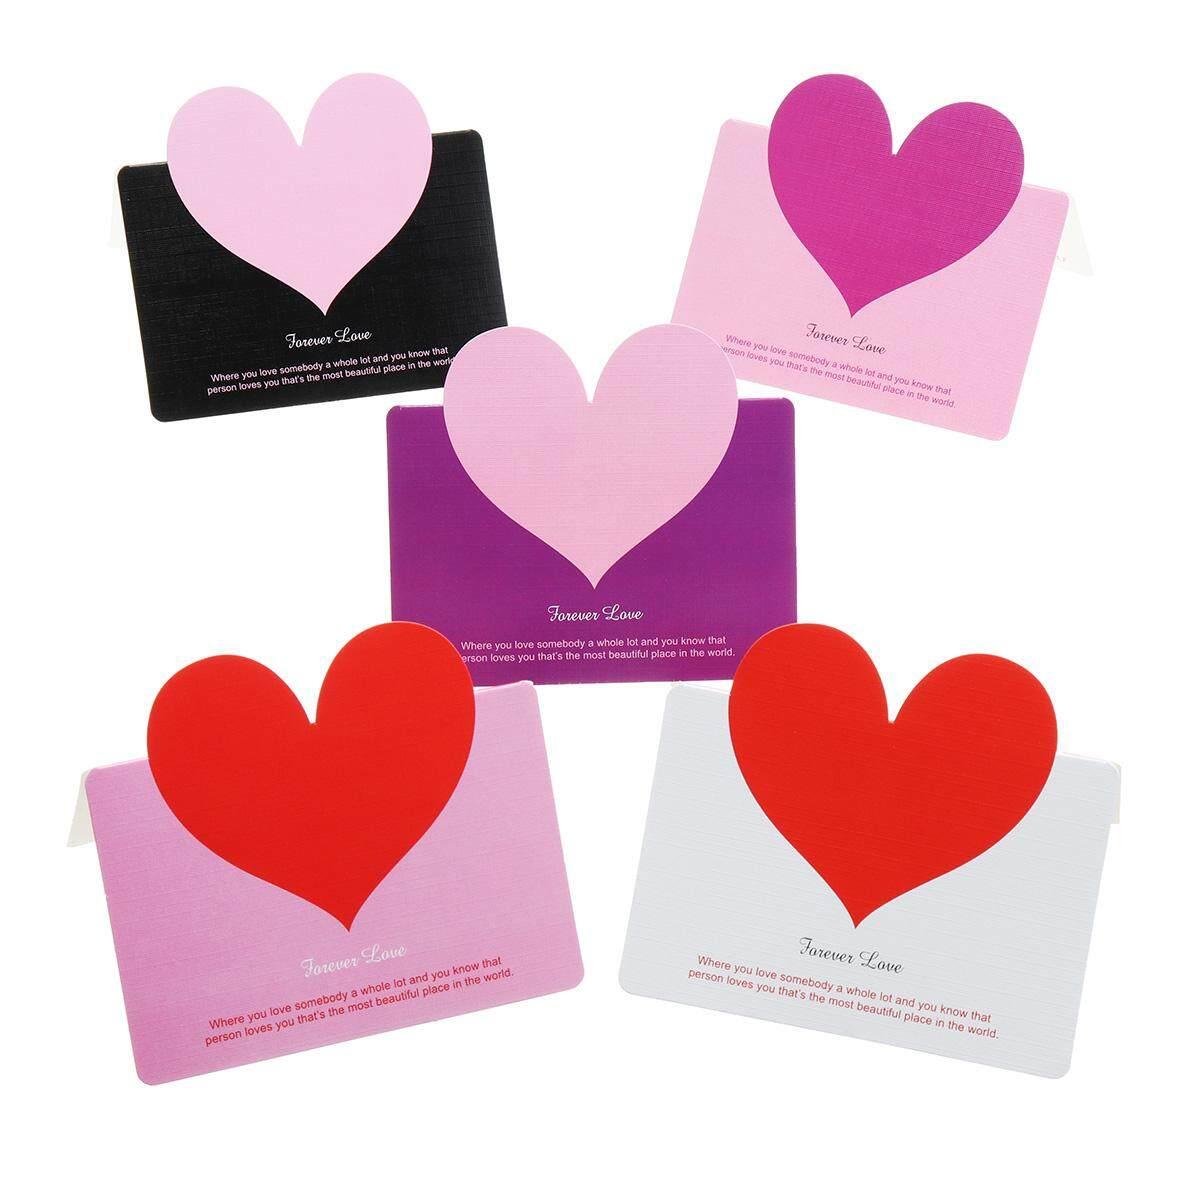 50 Pcs Hari Ibu Kartu Hadiah Kategori Cinta Khusus Digunakan Sebagai Tag Hadiah Kartu Ucapan-Intl